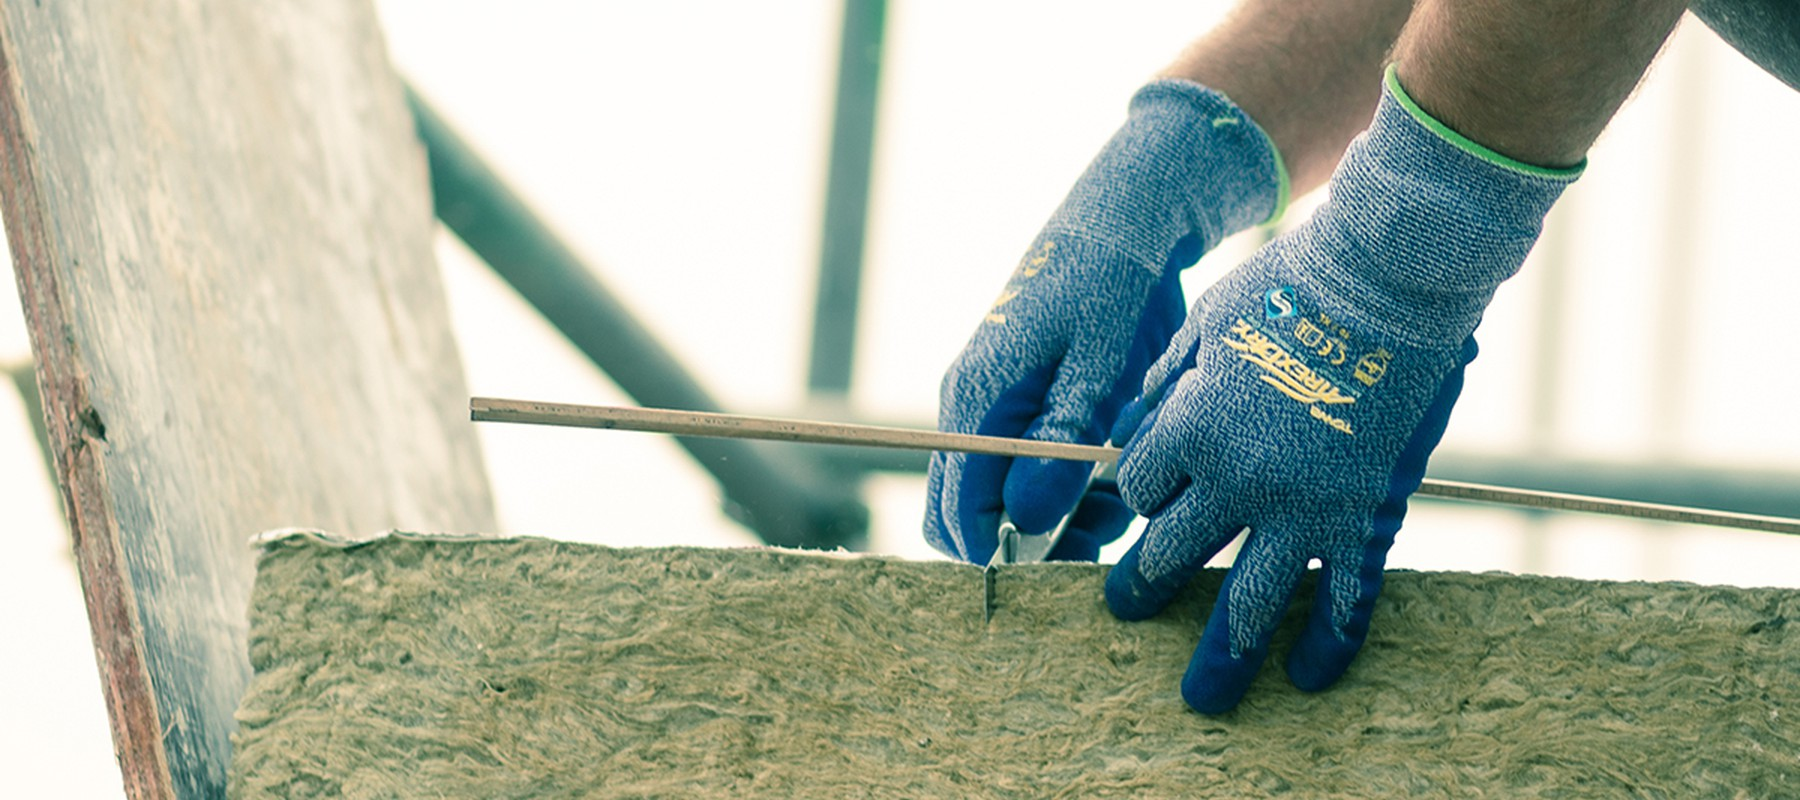 Kieswijzer werkhandschoenen: altijd de goede werkhandschoen